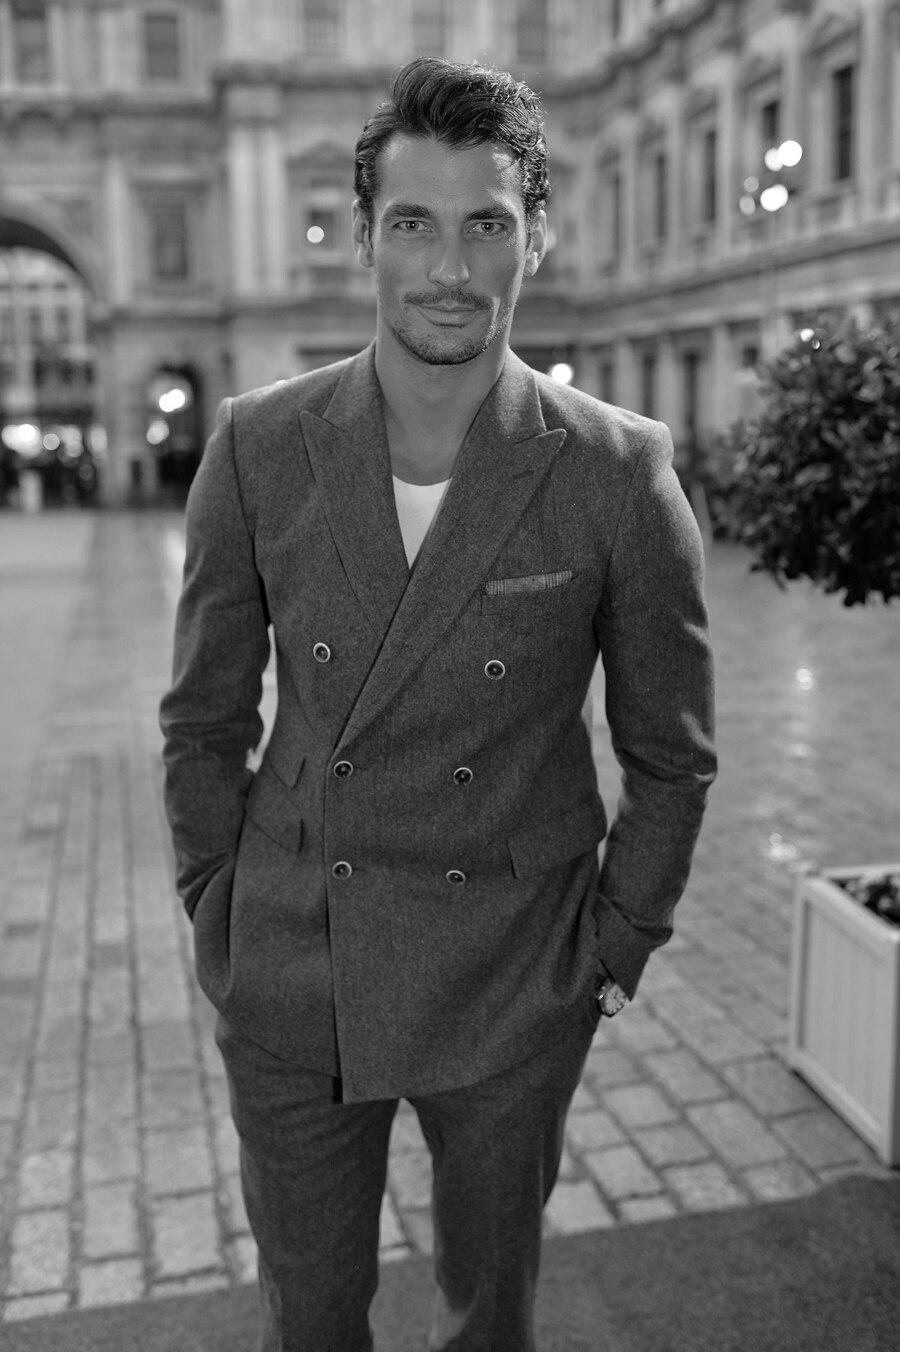 US $63.53 40% OFF|Neuesten Mantel Hose Designs Grau Zweireiher Tweed Männer Anzug Slim Fit Smoking Dünne 2 Stück Anzüge Casual Blazer Terno